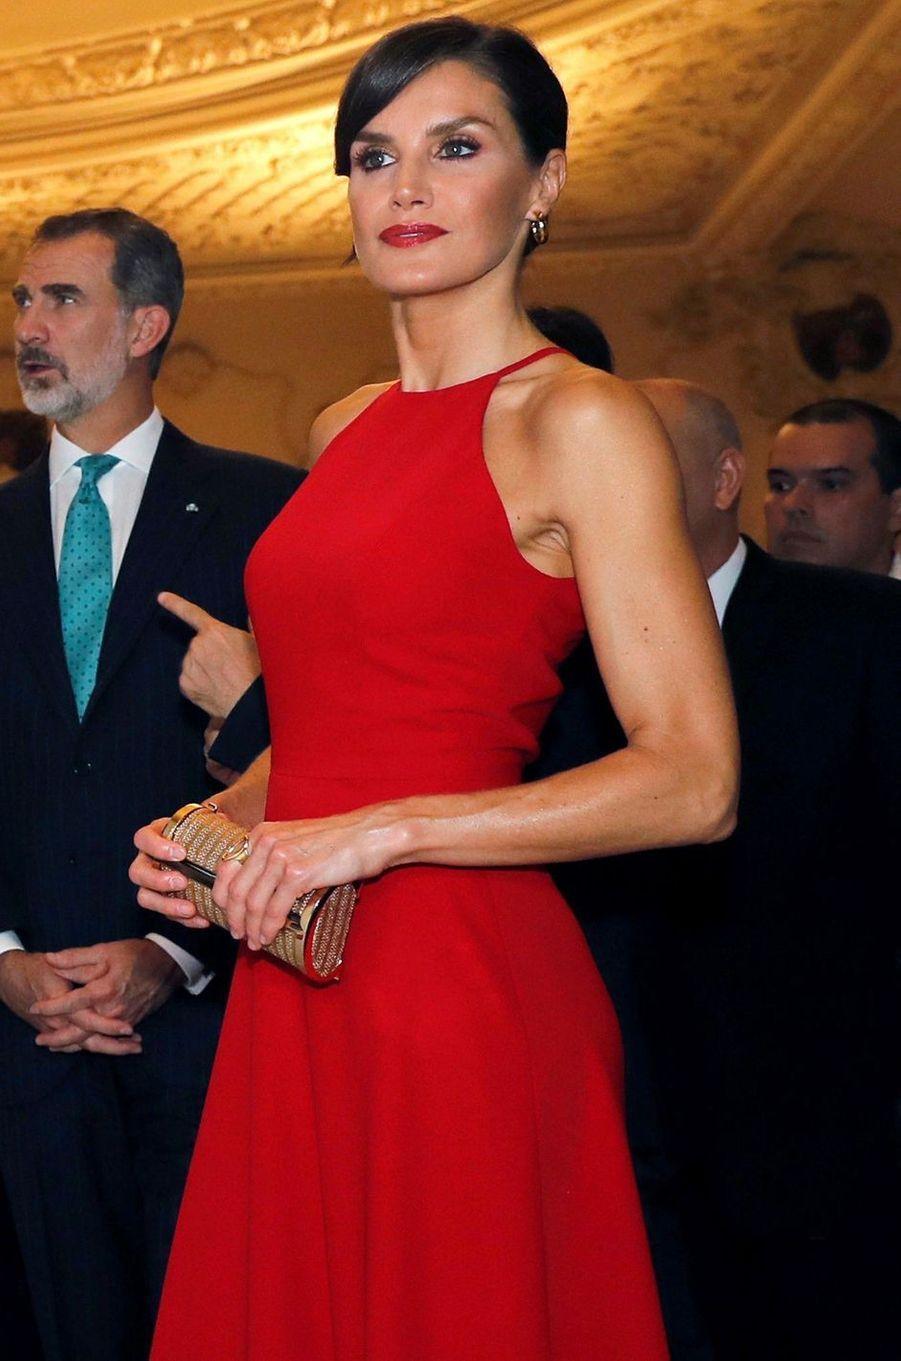 La reine Letizia d'Espagne à La Havane, le 12 novembre 2019